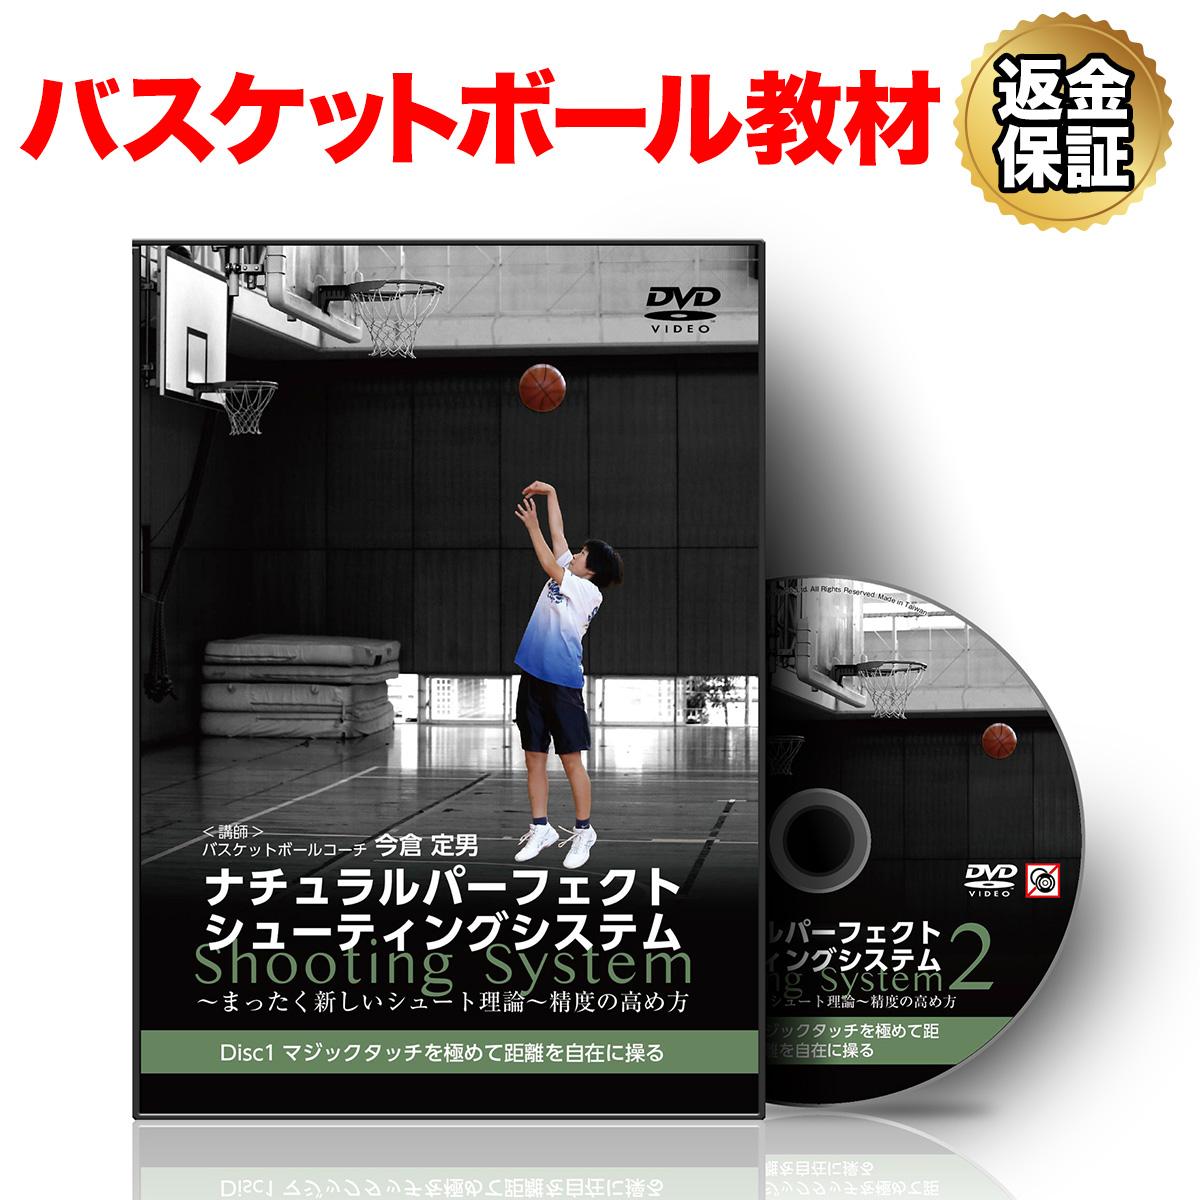 <title>今倉定男が教えるシュートの秘訣を公開 注目ブランド バスケットボール 教材 DVD ナチュラルパーフェクトシューティングシステム2~まったく新しいシュート理論~精度の高め方</title>